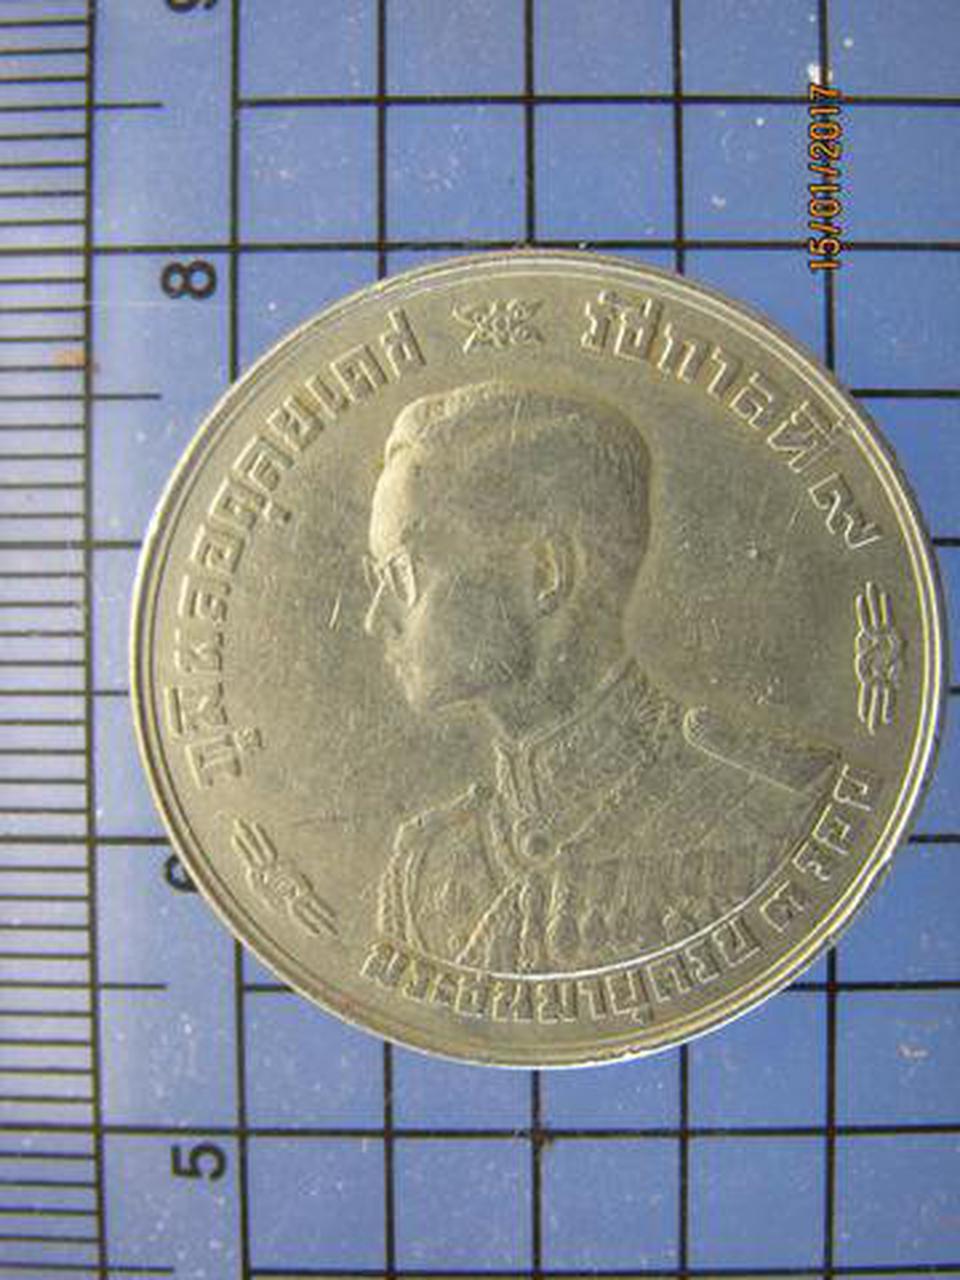 4182 เหรียญนิเกิ้ล 1 บาท ร.9 พระชนมายุครบ 3 รอบ ปี 2506 รูปที่ 2